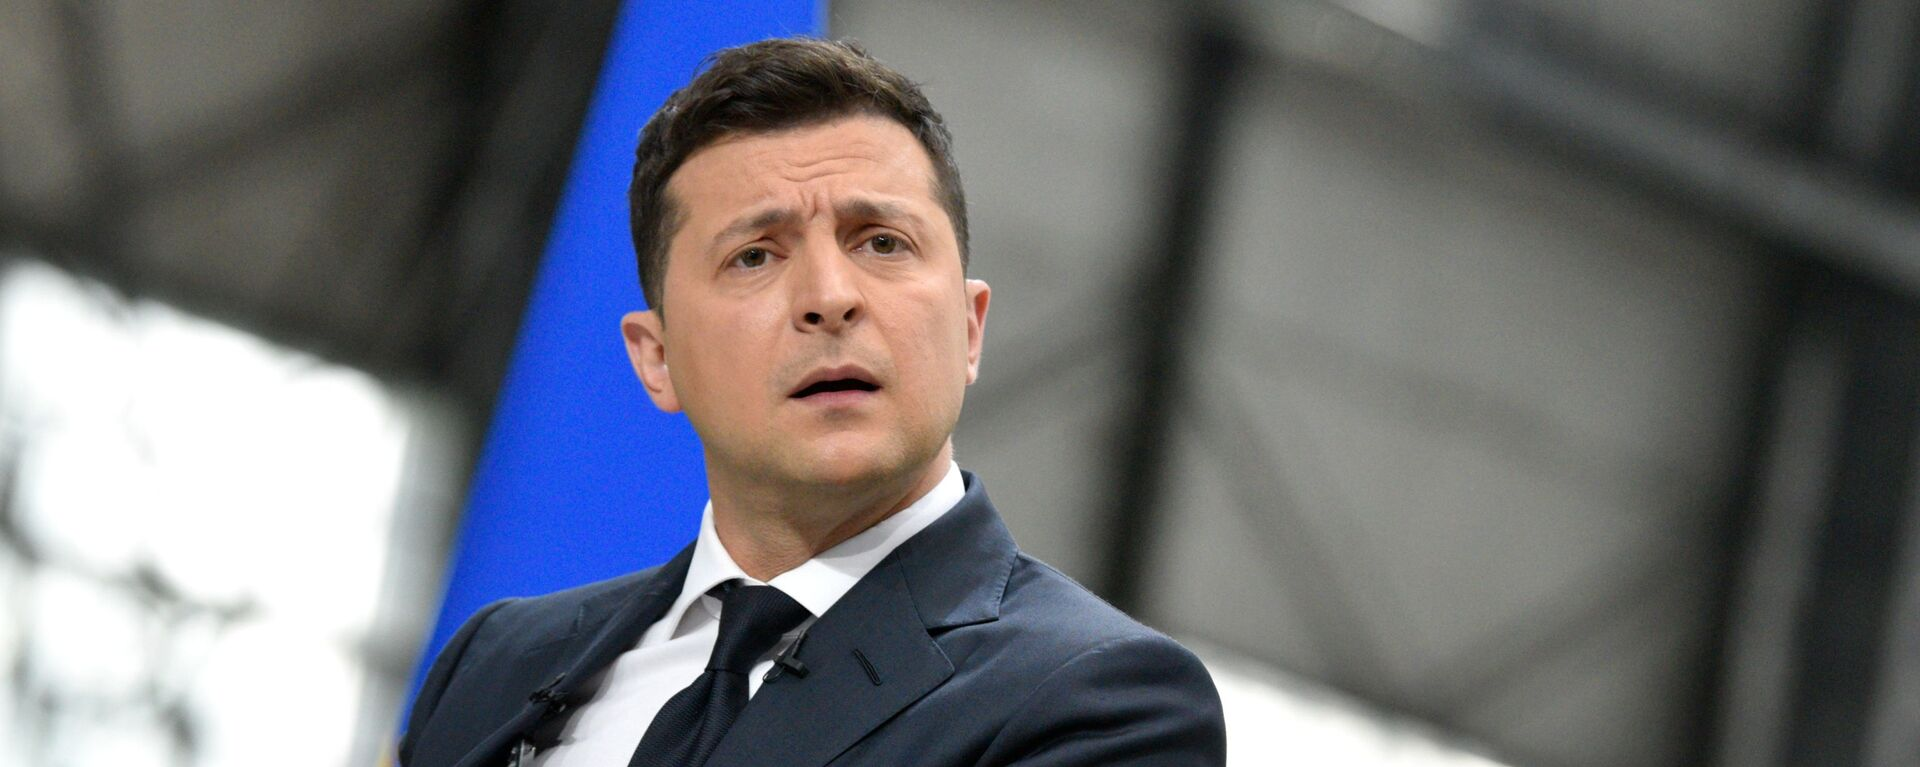 Prezydent Ukrainy Wołodymyr Zełenski na konferencji prasowej po dwóch latach urzędowania na stanowisku głowy państwa - Sputnik Polska, 1920, 28.07.2021